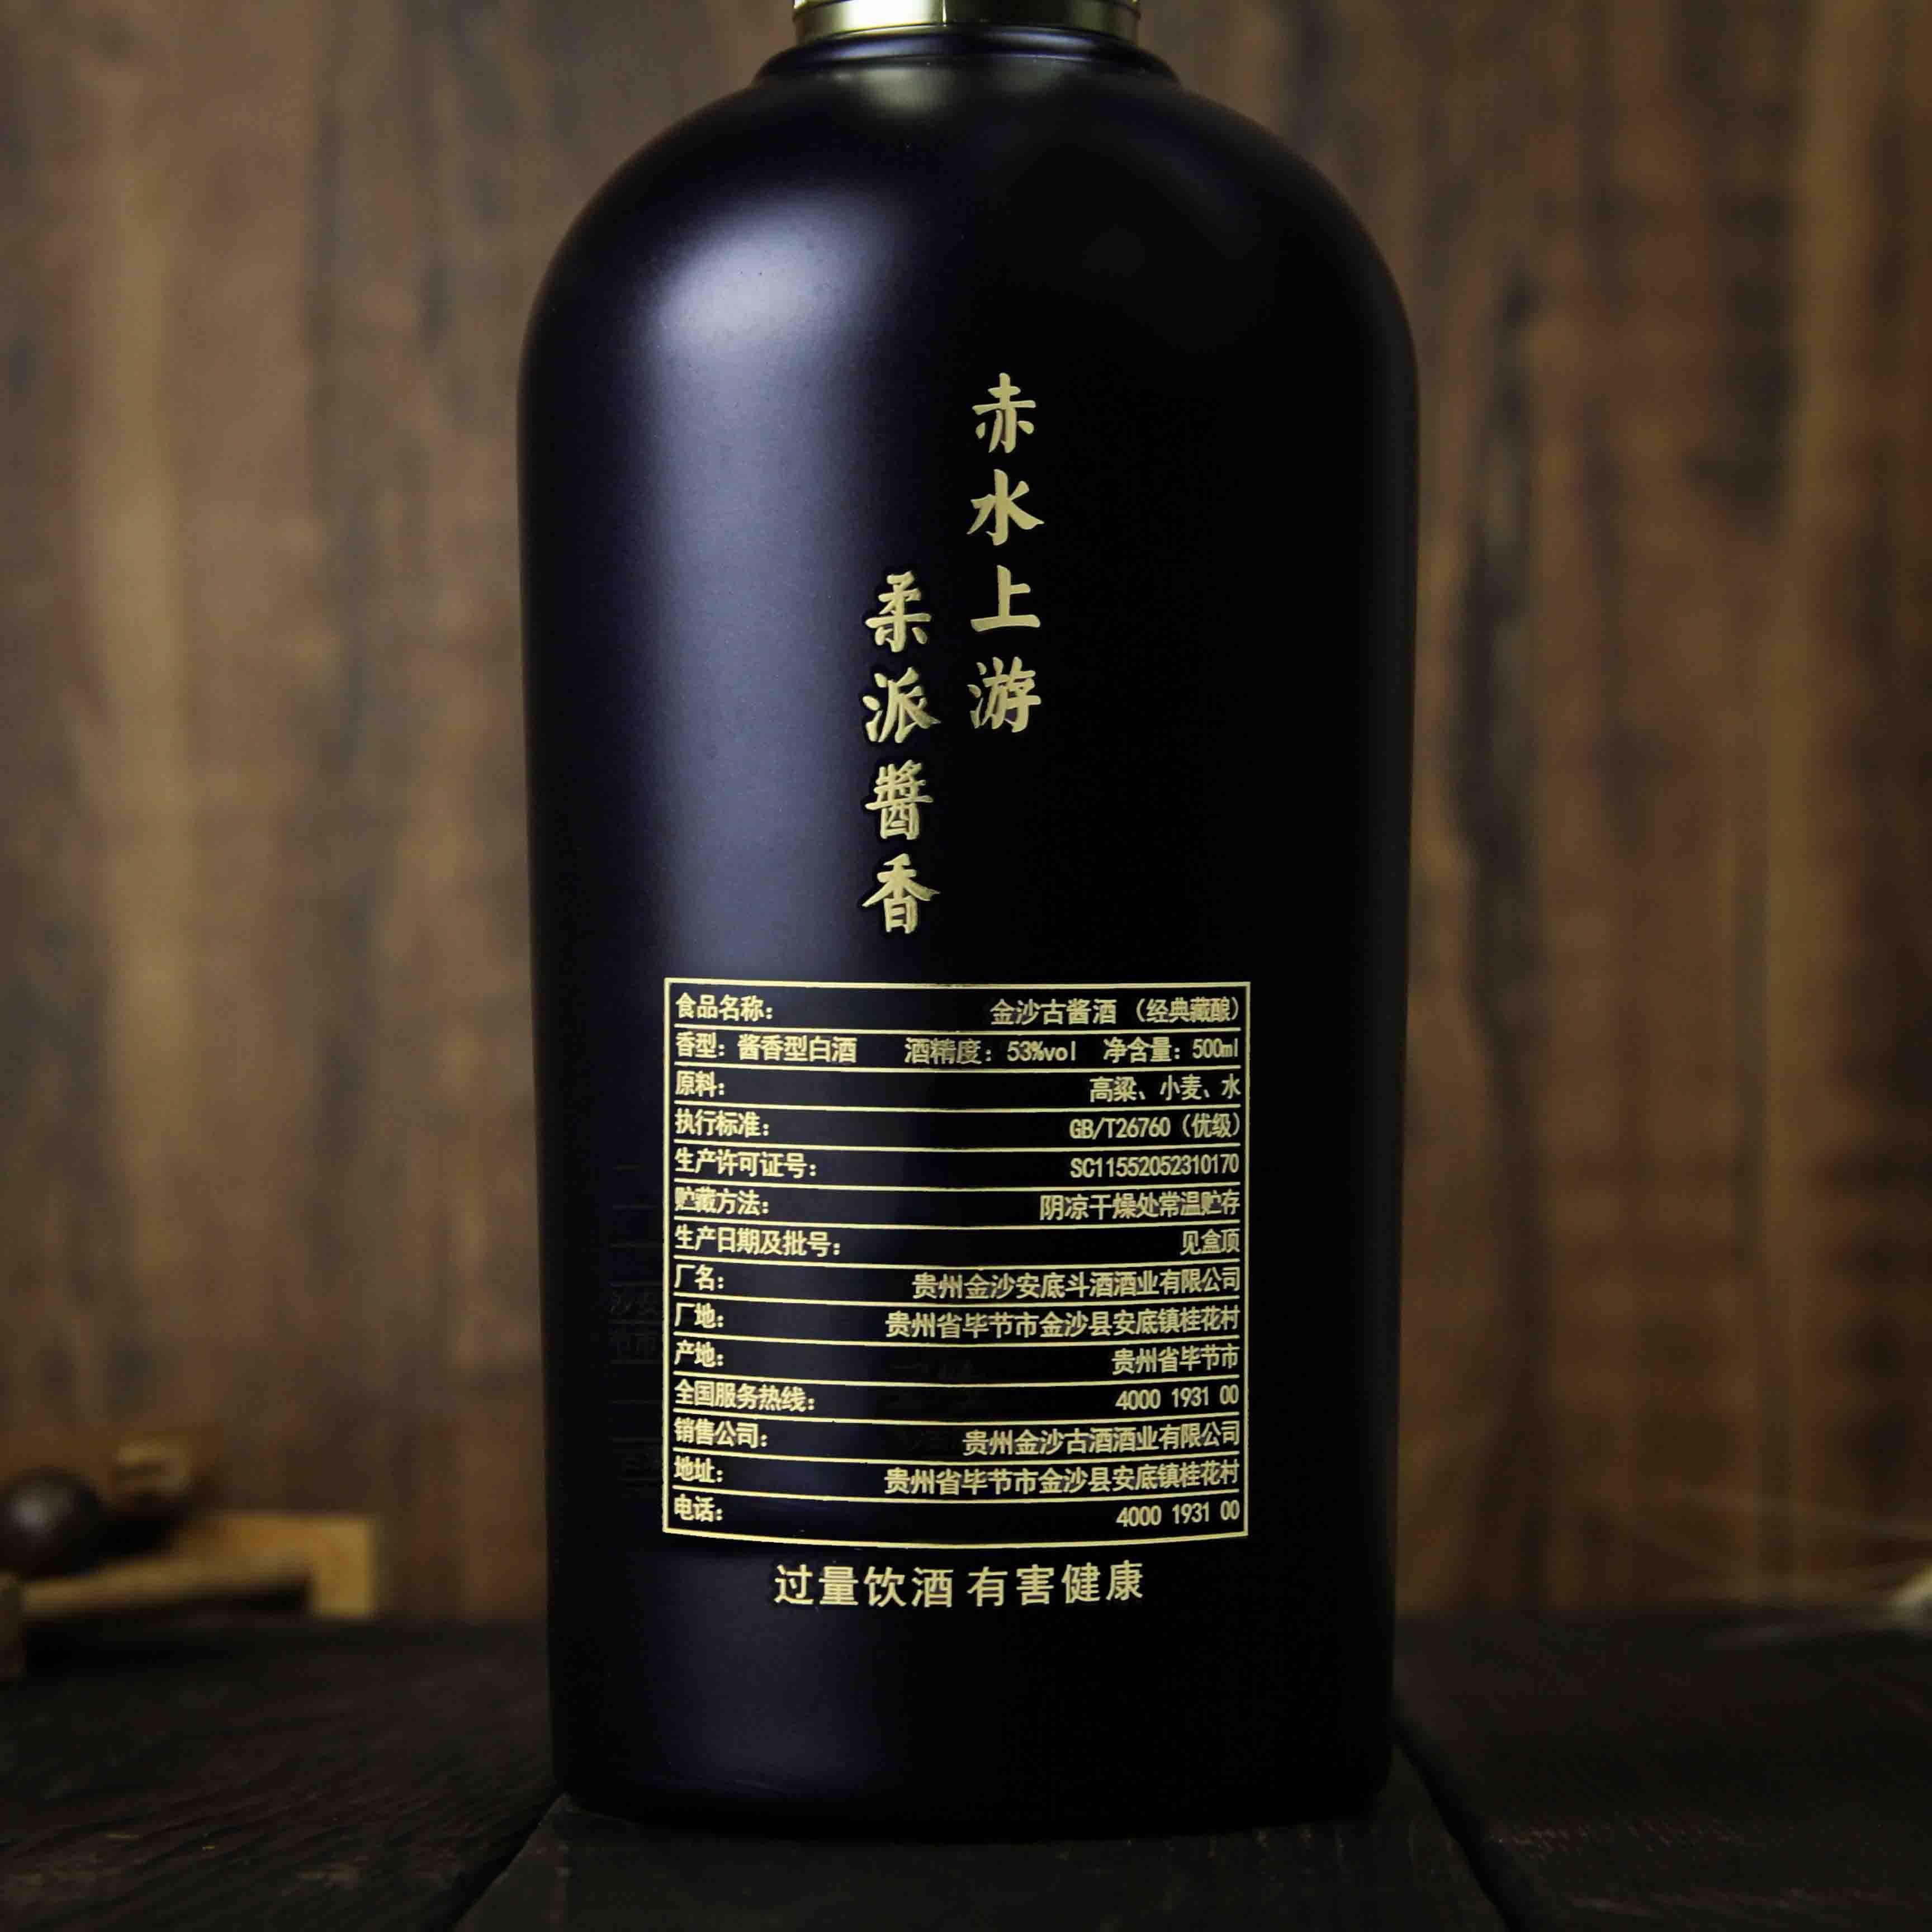 中国贵州金沙古酱酒-经典藏酿酱香型白酒